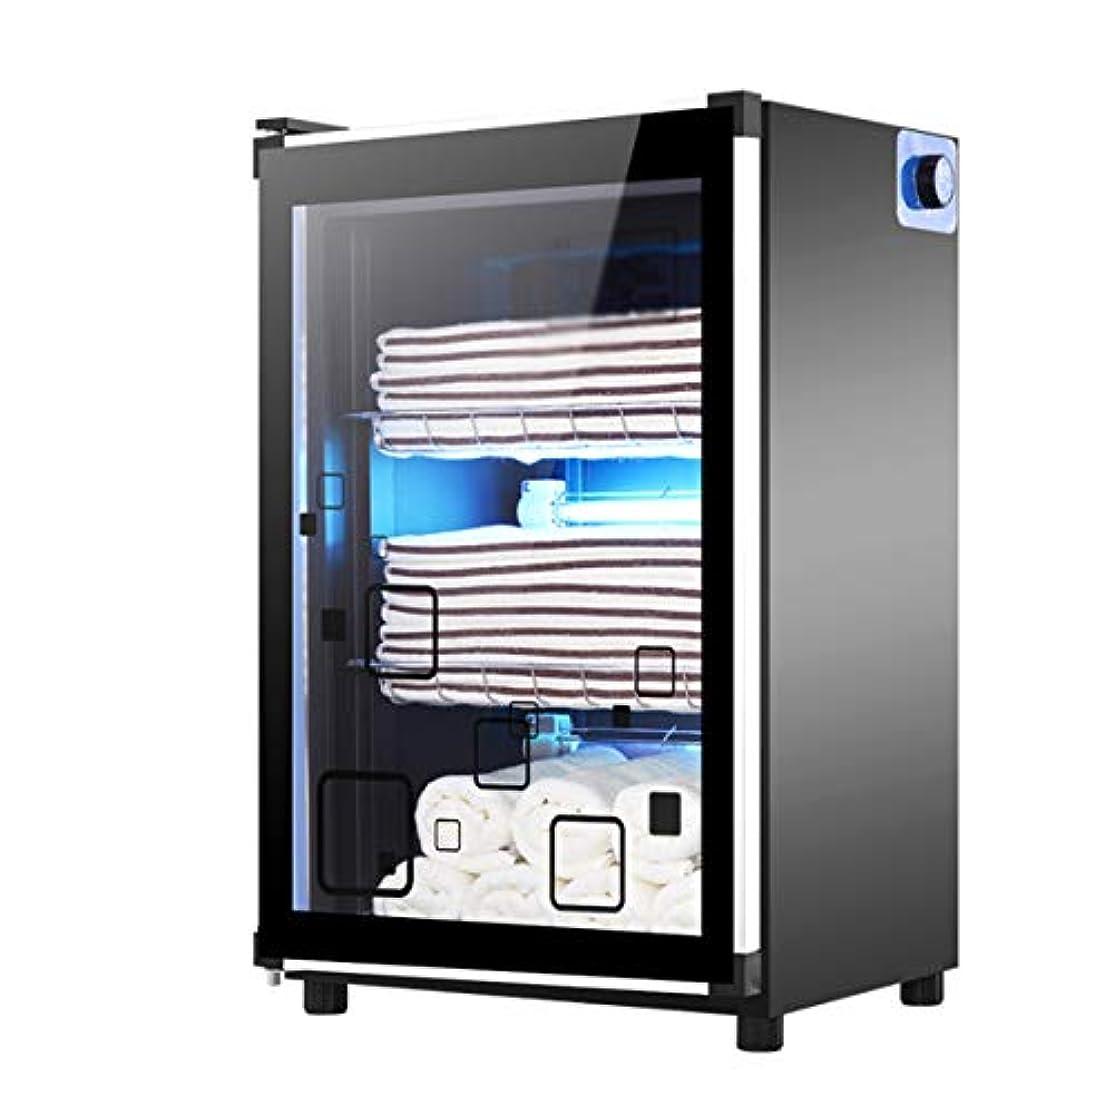 ポジション関連付けるイースター容量78LタオルヒーターアルミガラスドアUVオゾン殺菌タオルウォーマーファミリーホテルヘアサロン黒